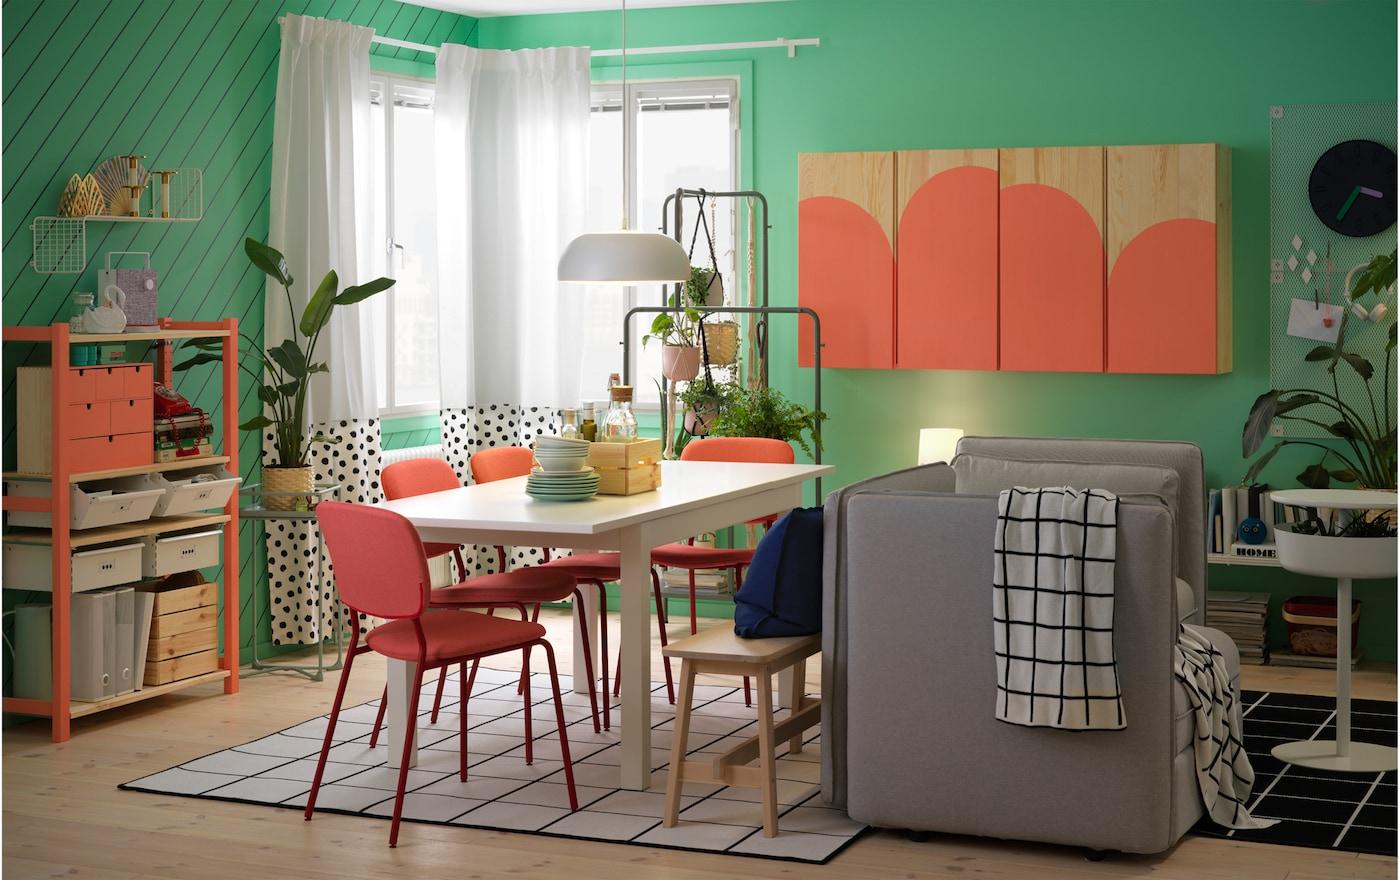 Déco Salle À Manger : Notre Galerie De Photos - Ikea destiné Table Salle A Manger Pliante Ikea